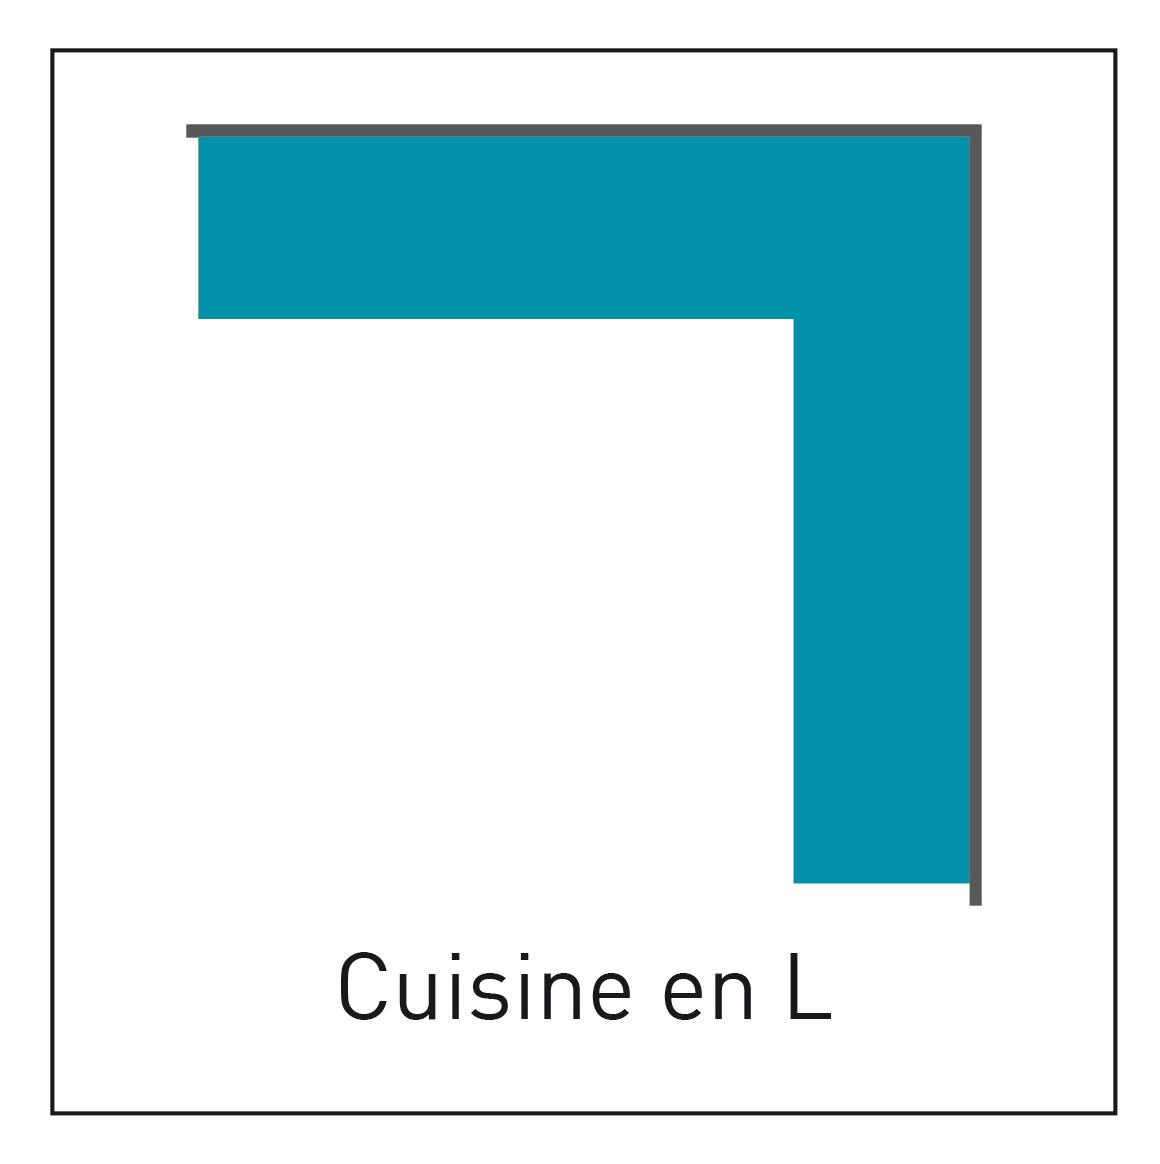 Configuration de cuisine en L - INDUSCABEL